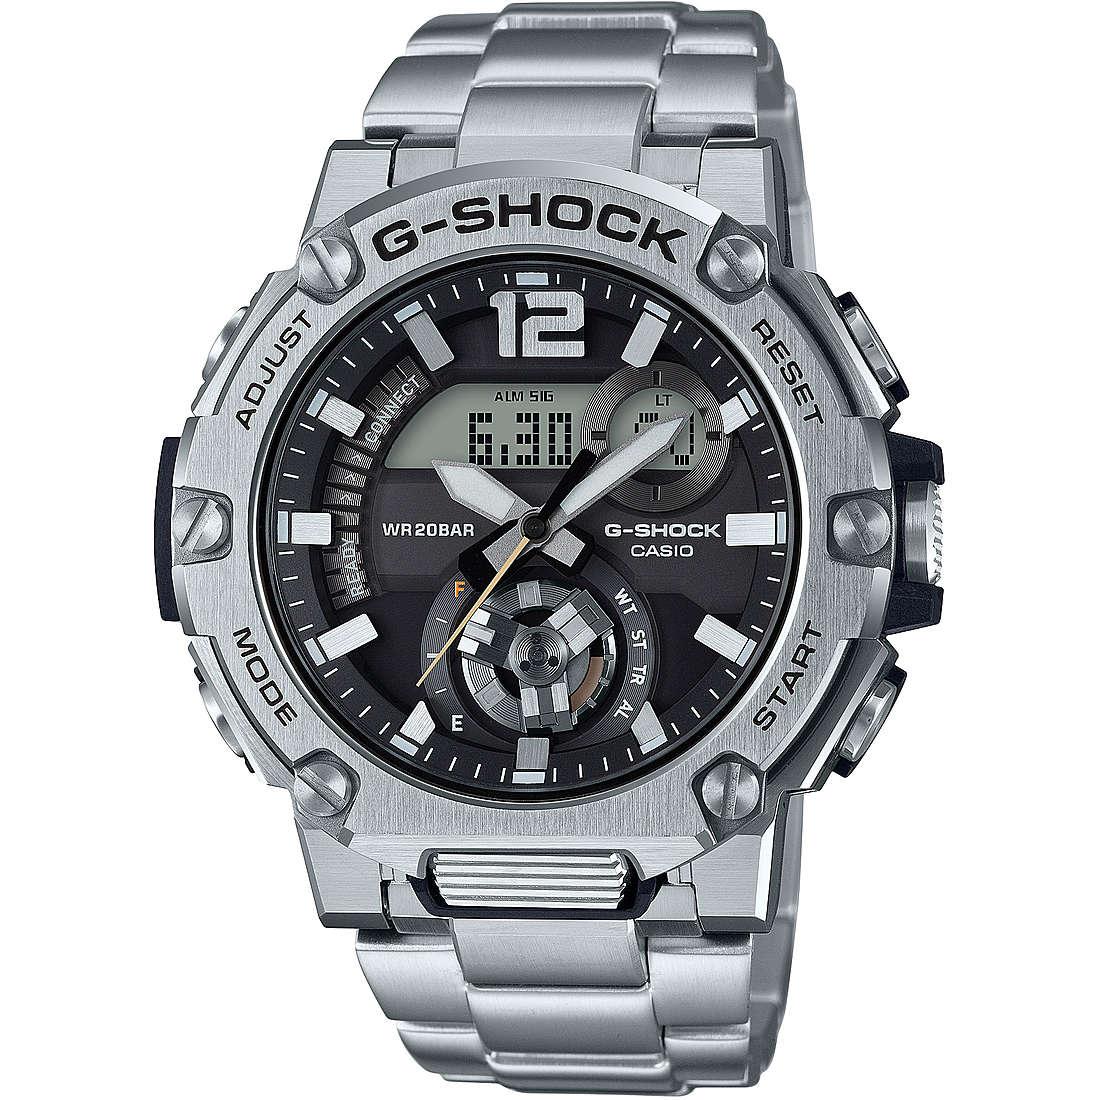 Casio G- Shock GST-B300SD-1AER